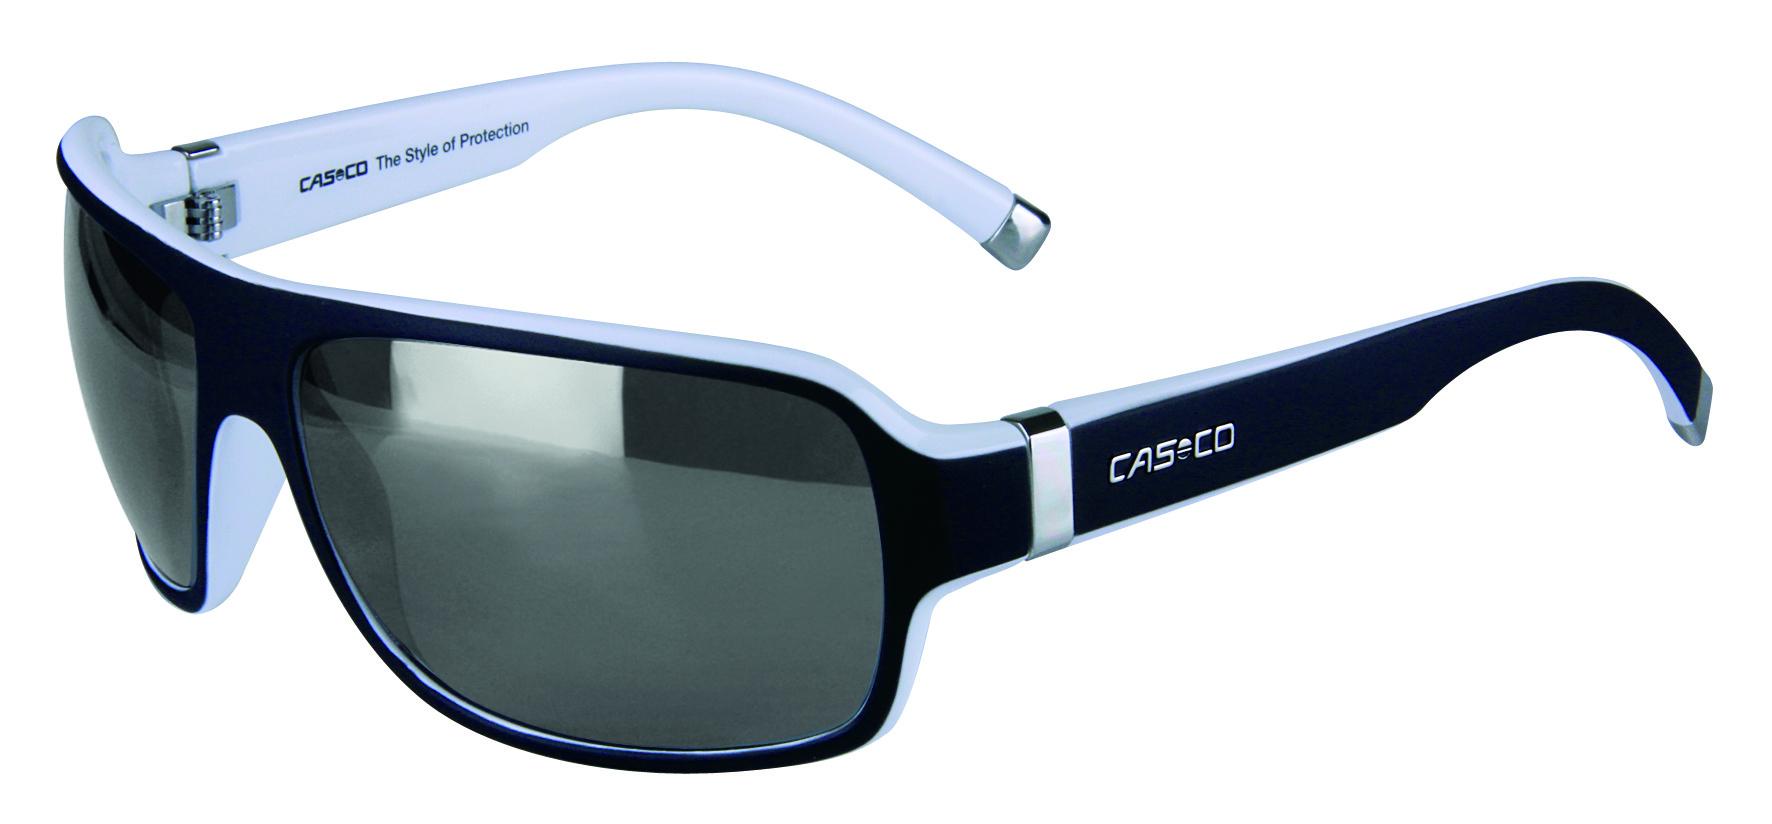 Casco_SX61_Black_White_1741